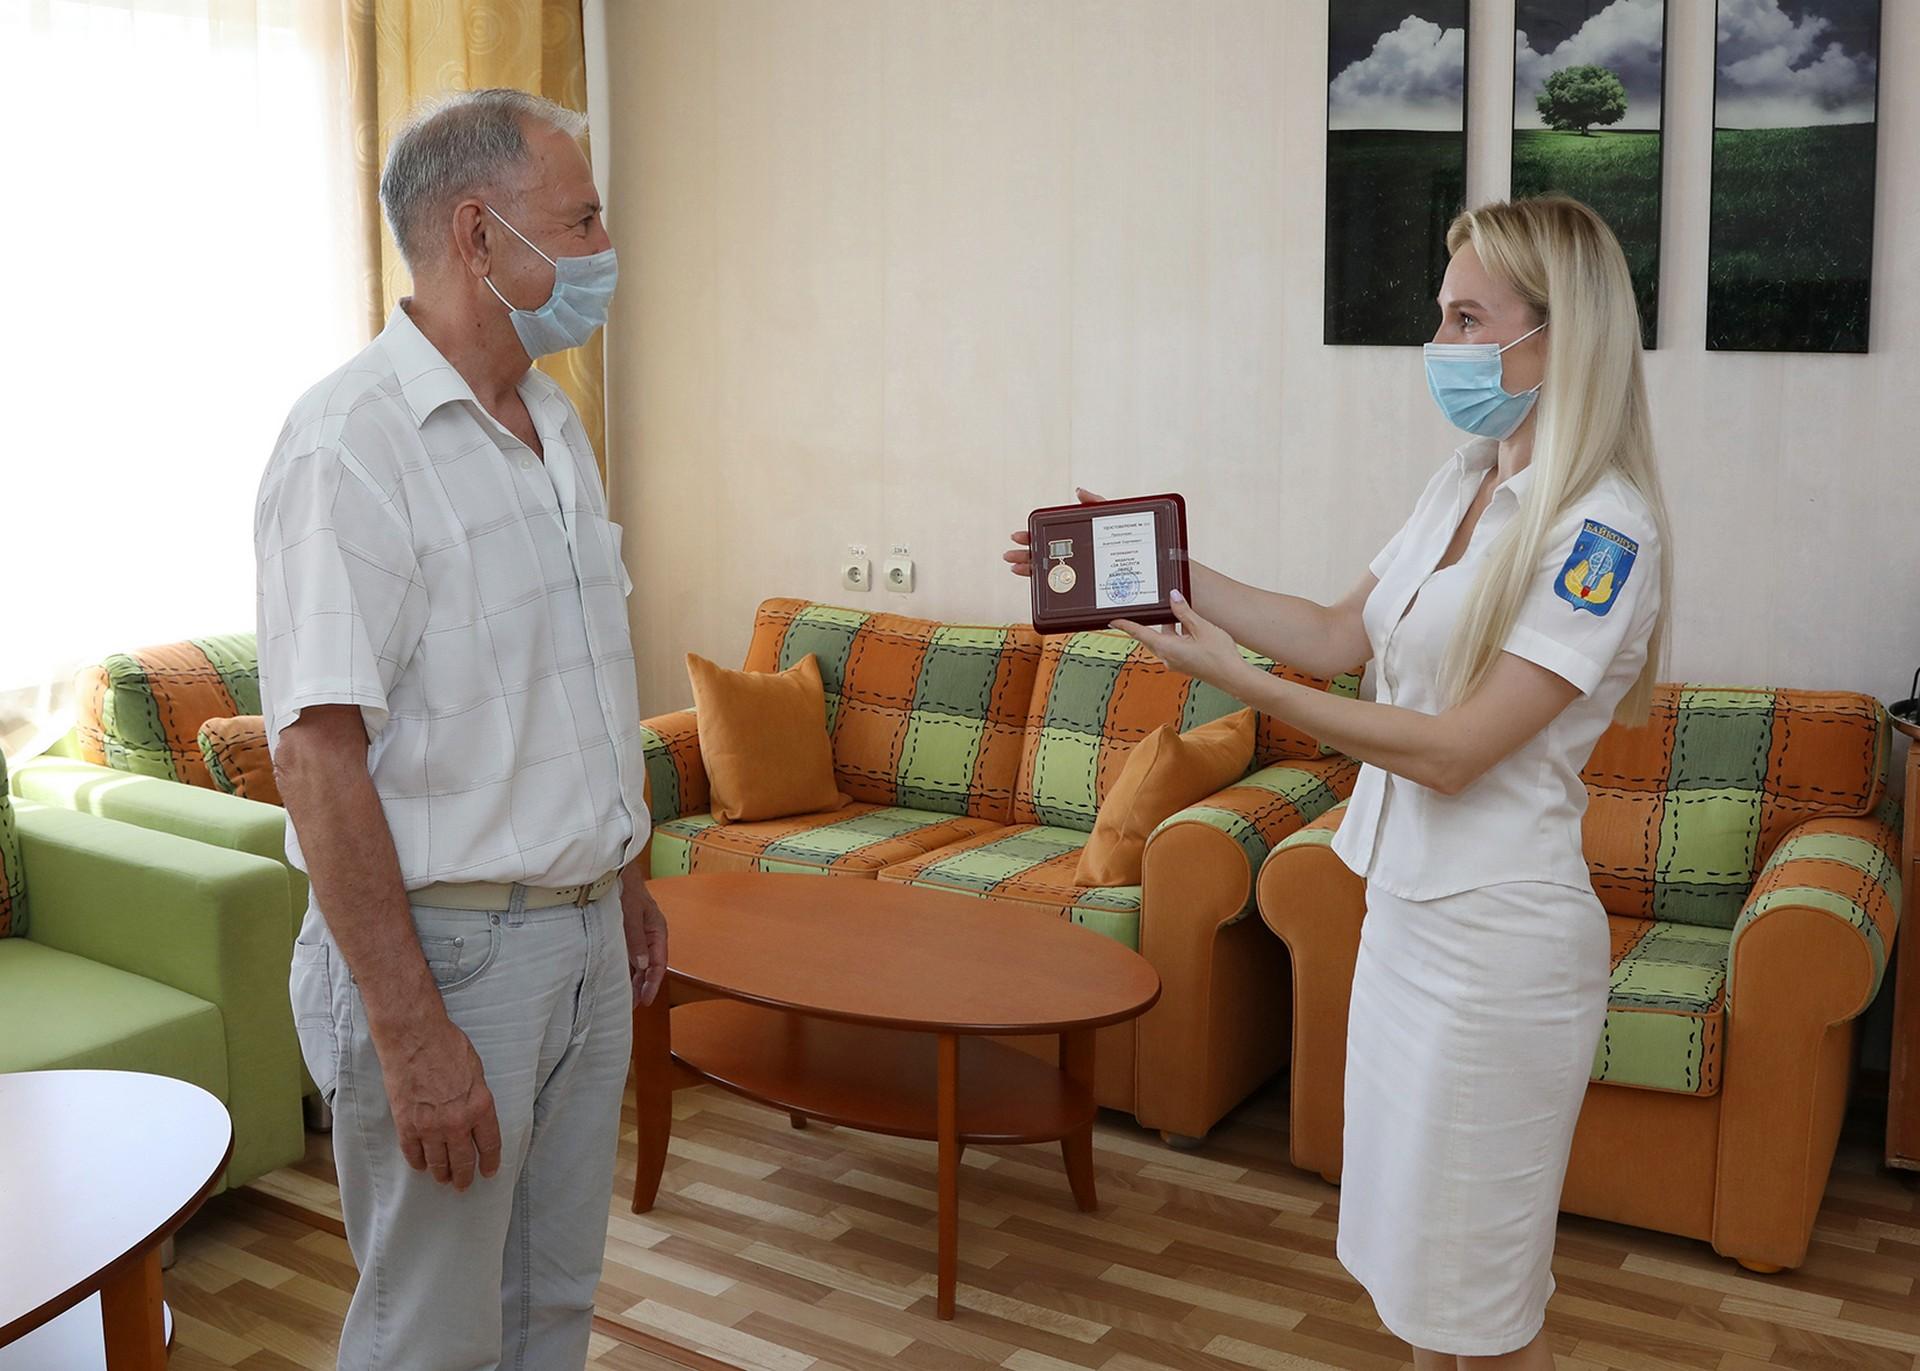 Анатолий Просочкин награжден медалью «За заслуги перед Байконуром»